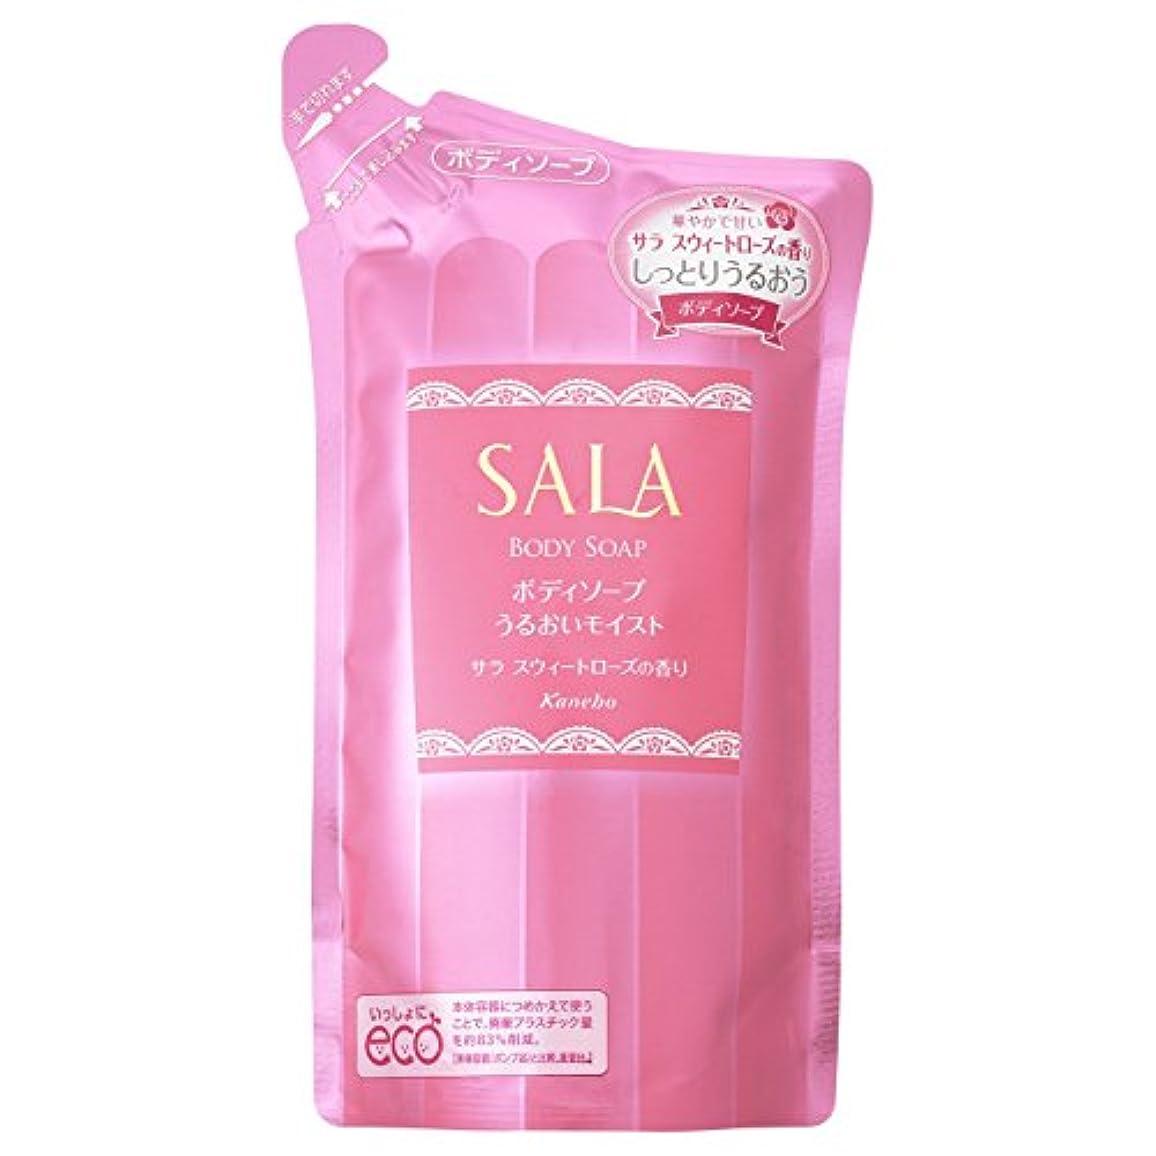 スムーズに整然とした批判するサラ ボディソープ うるおいモイスト つめかえ用 サラスウィートローズの香り